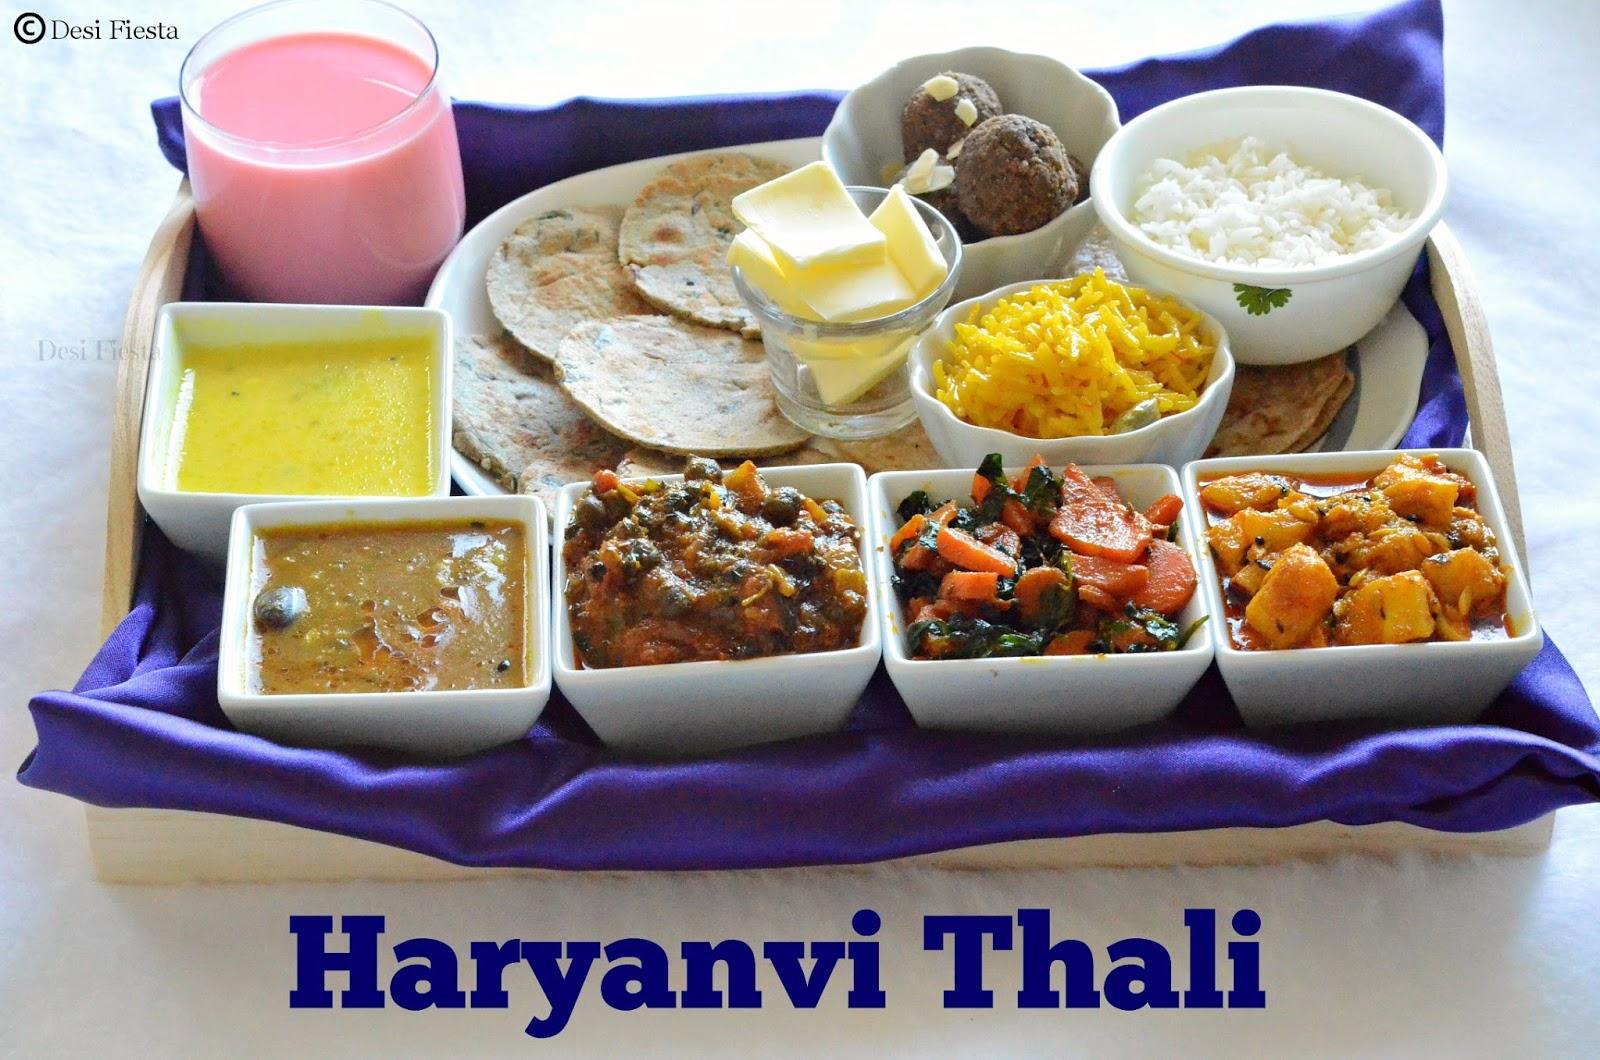 Haryana cuisine